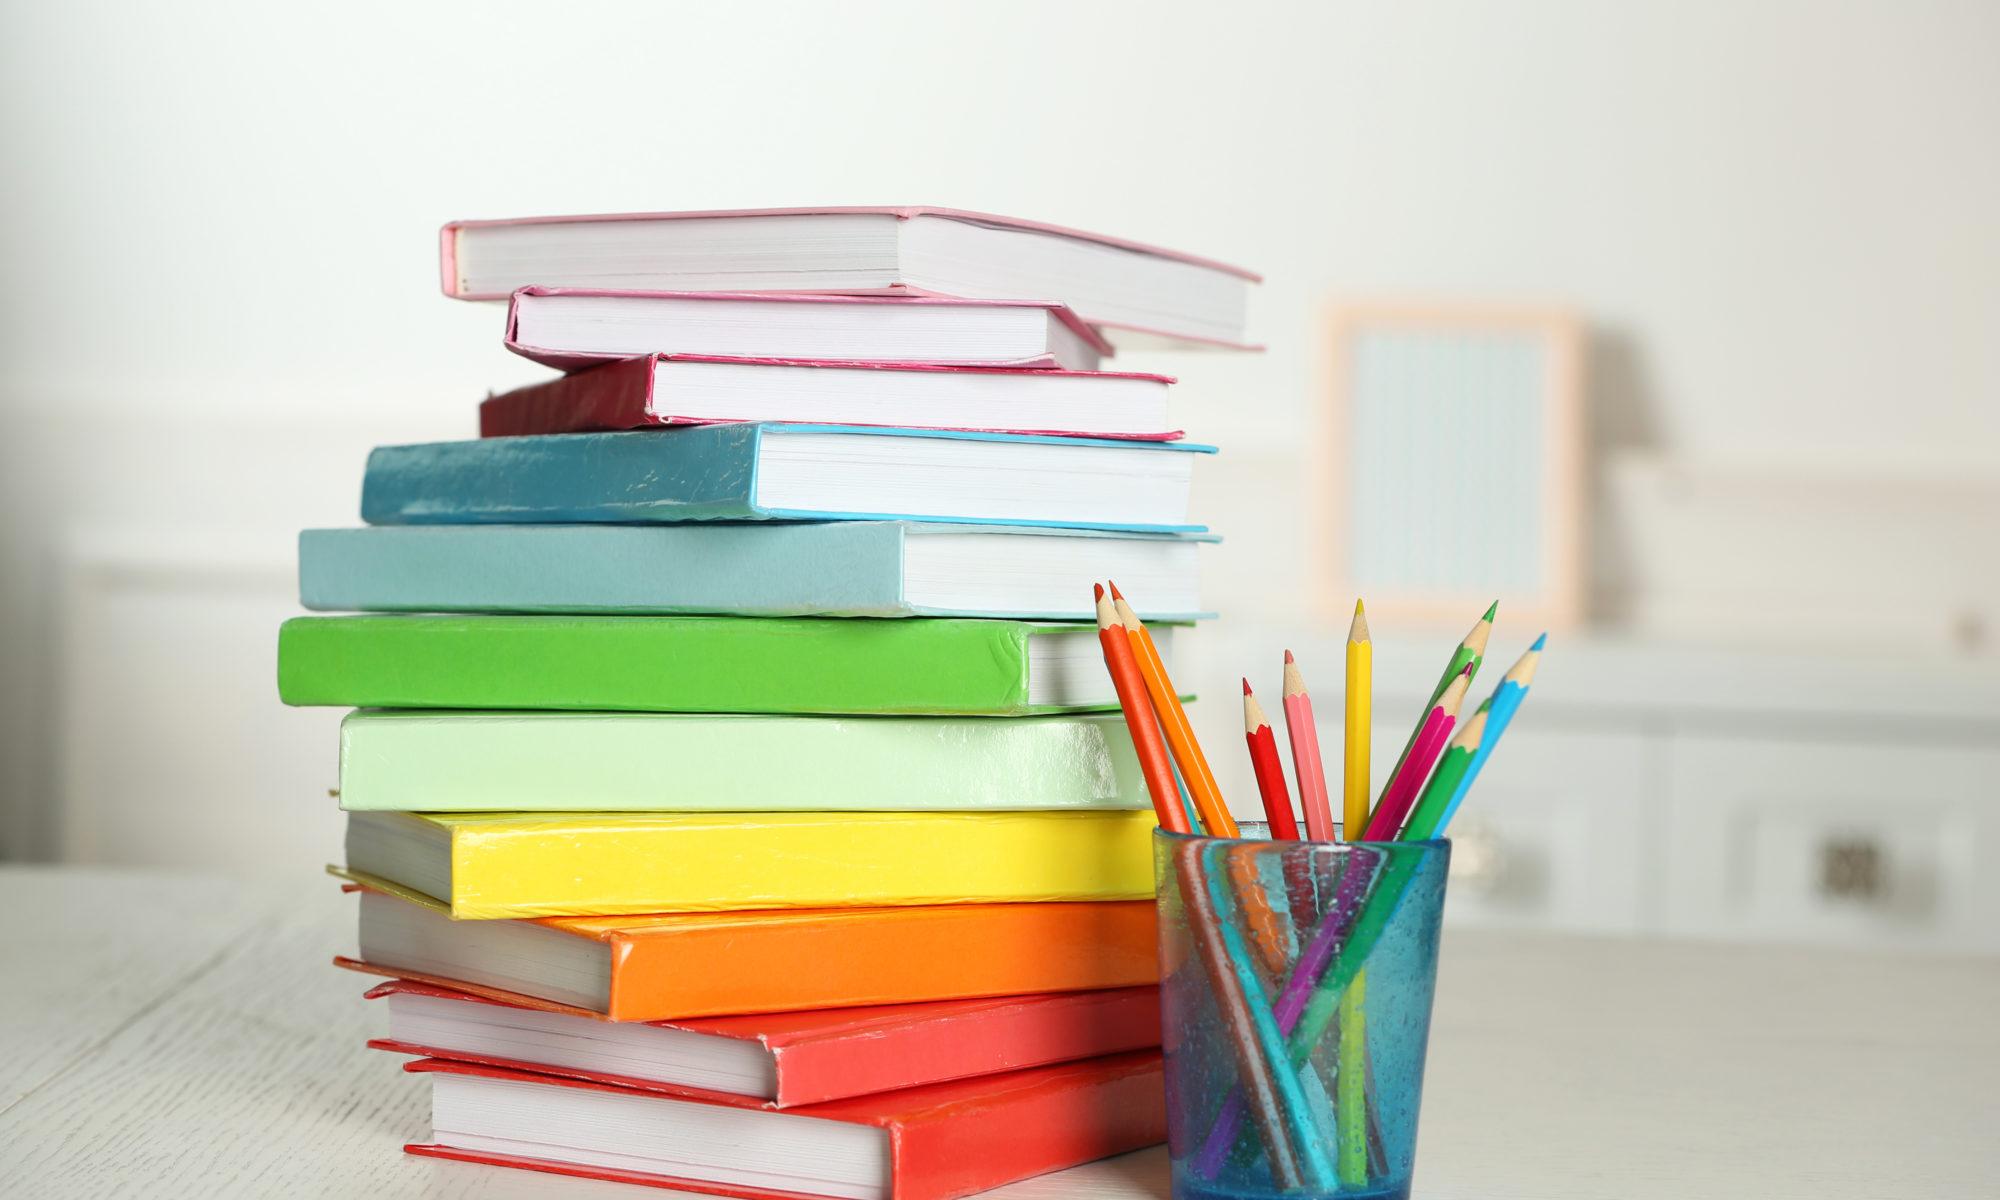 AdobeStock 88295112 2000x1200 - Jetzt Hartz IV-Mehrbedarf für Schulbücher beantragen